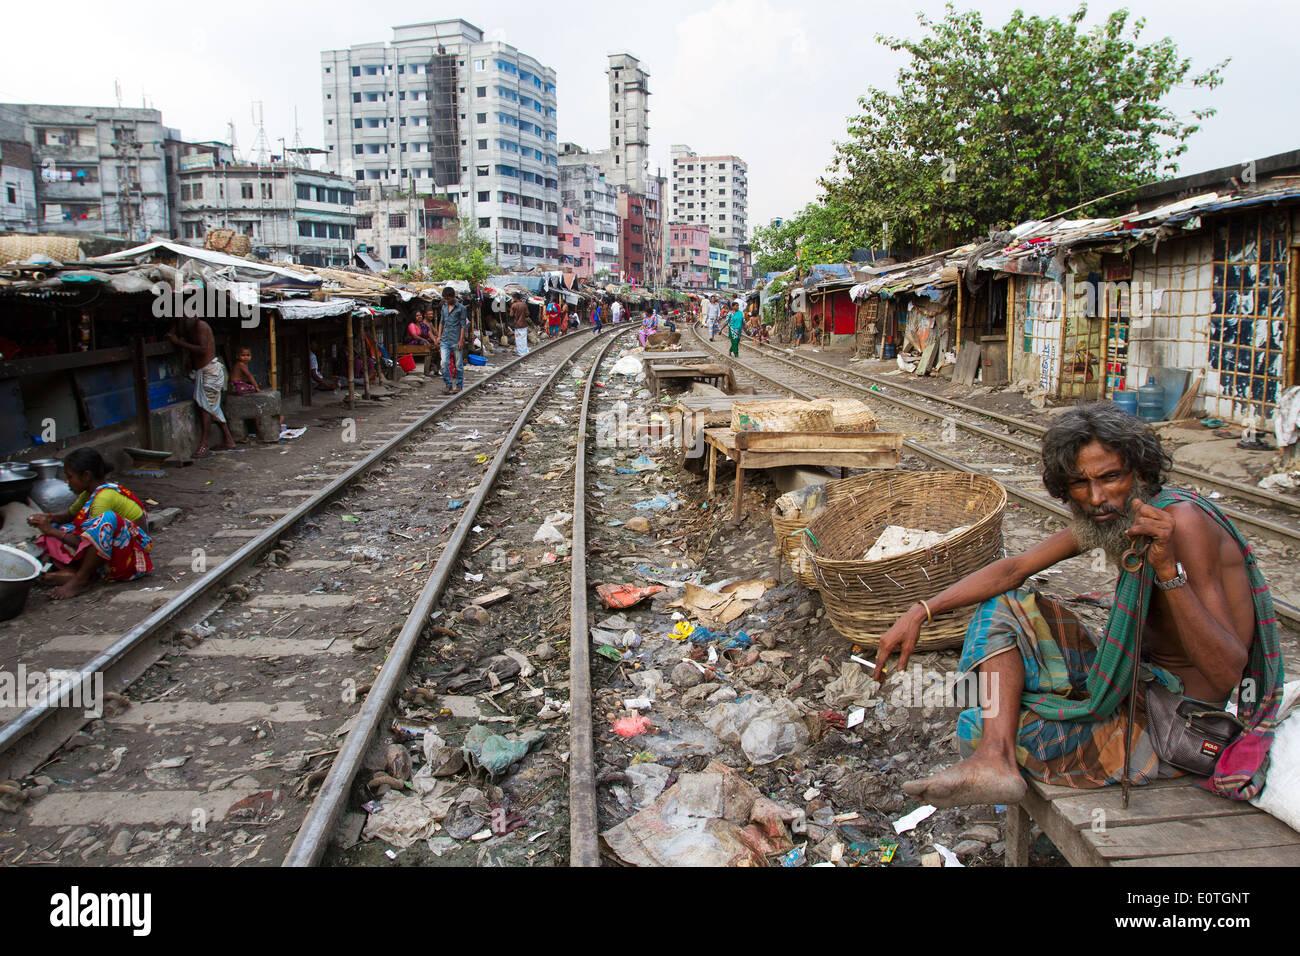 Pueblo de Bangladesh en shanty parte de Dhaka a lo largo del ferrocarril que viven en la extrema pobreza. Imagen De Stock